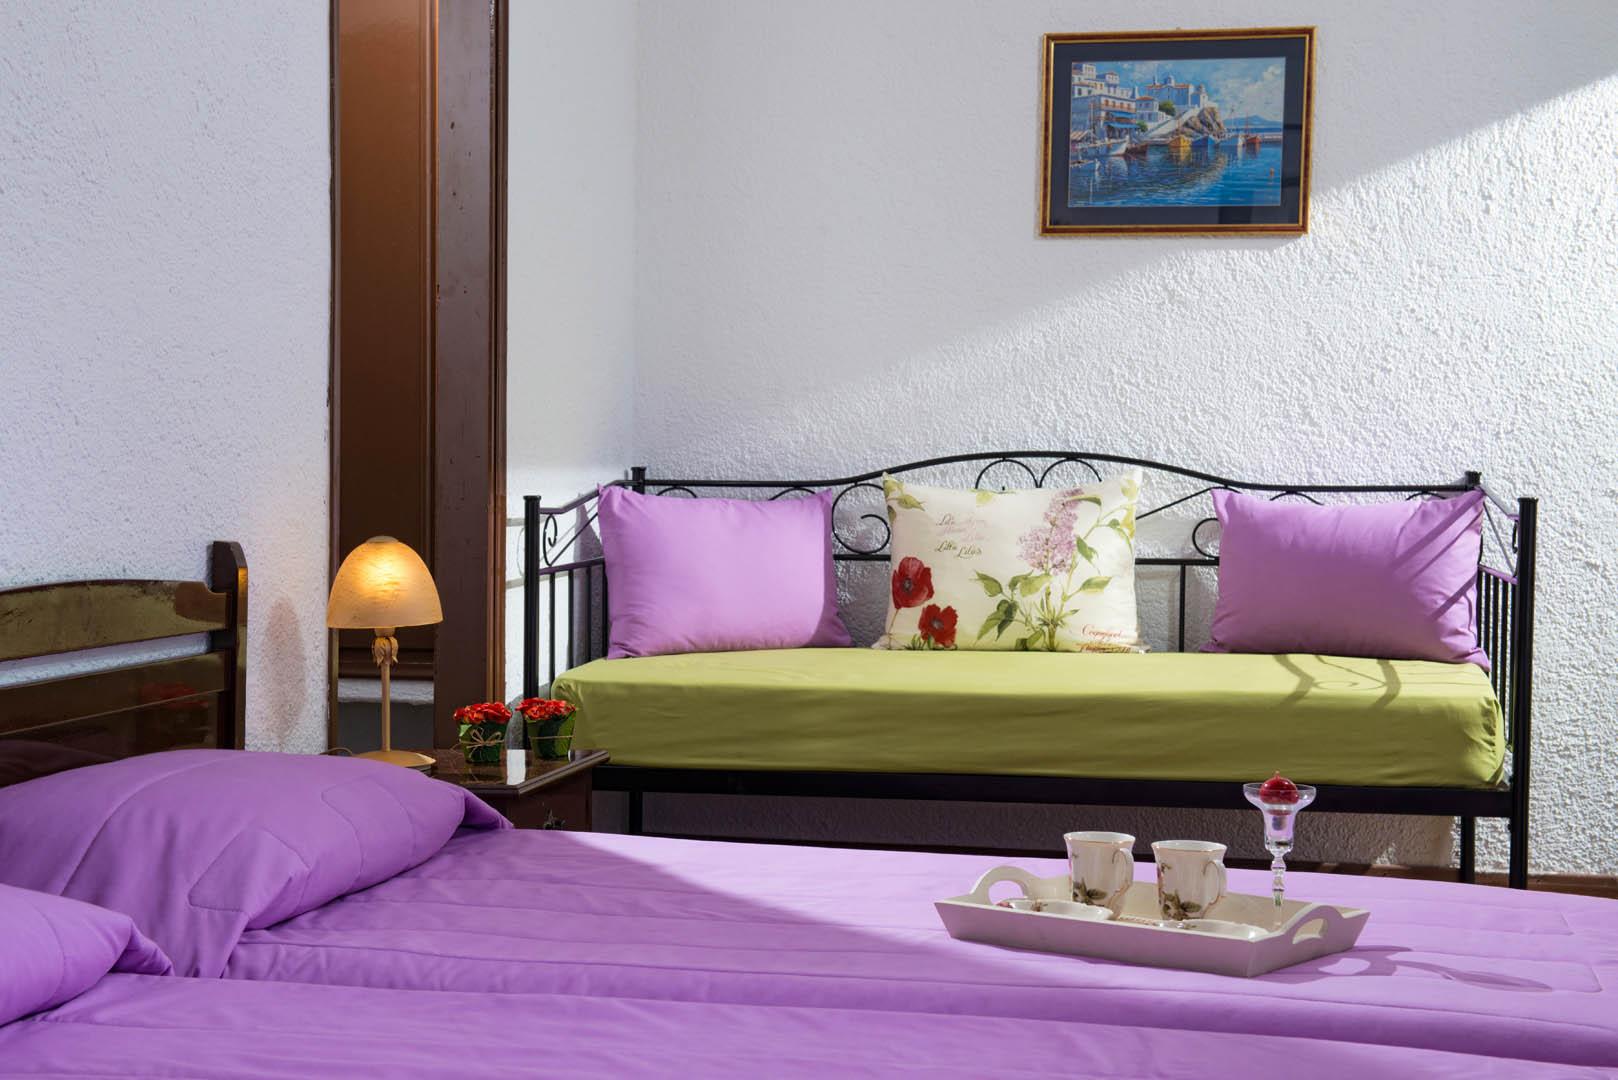 malia-holidays-rooms-5